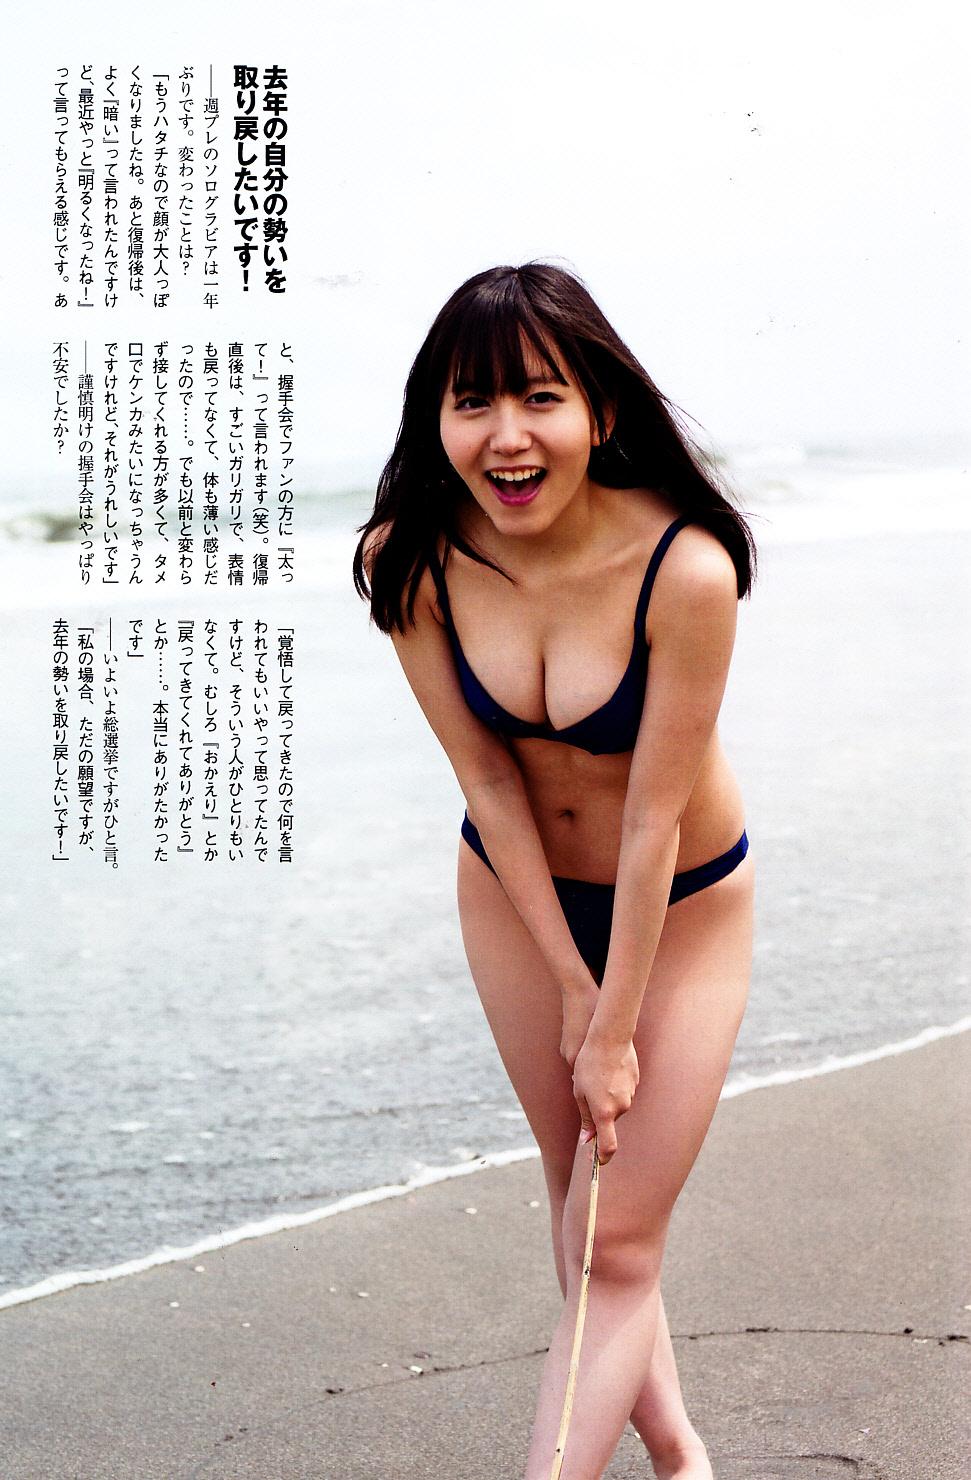 Watch Mami Matsuyama (b. 1988) video